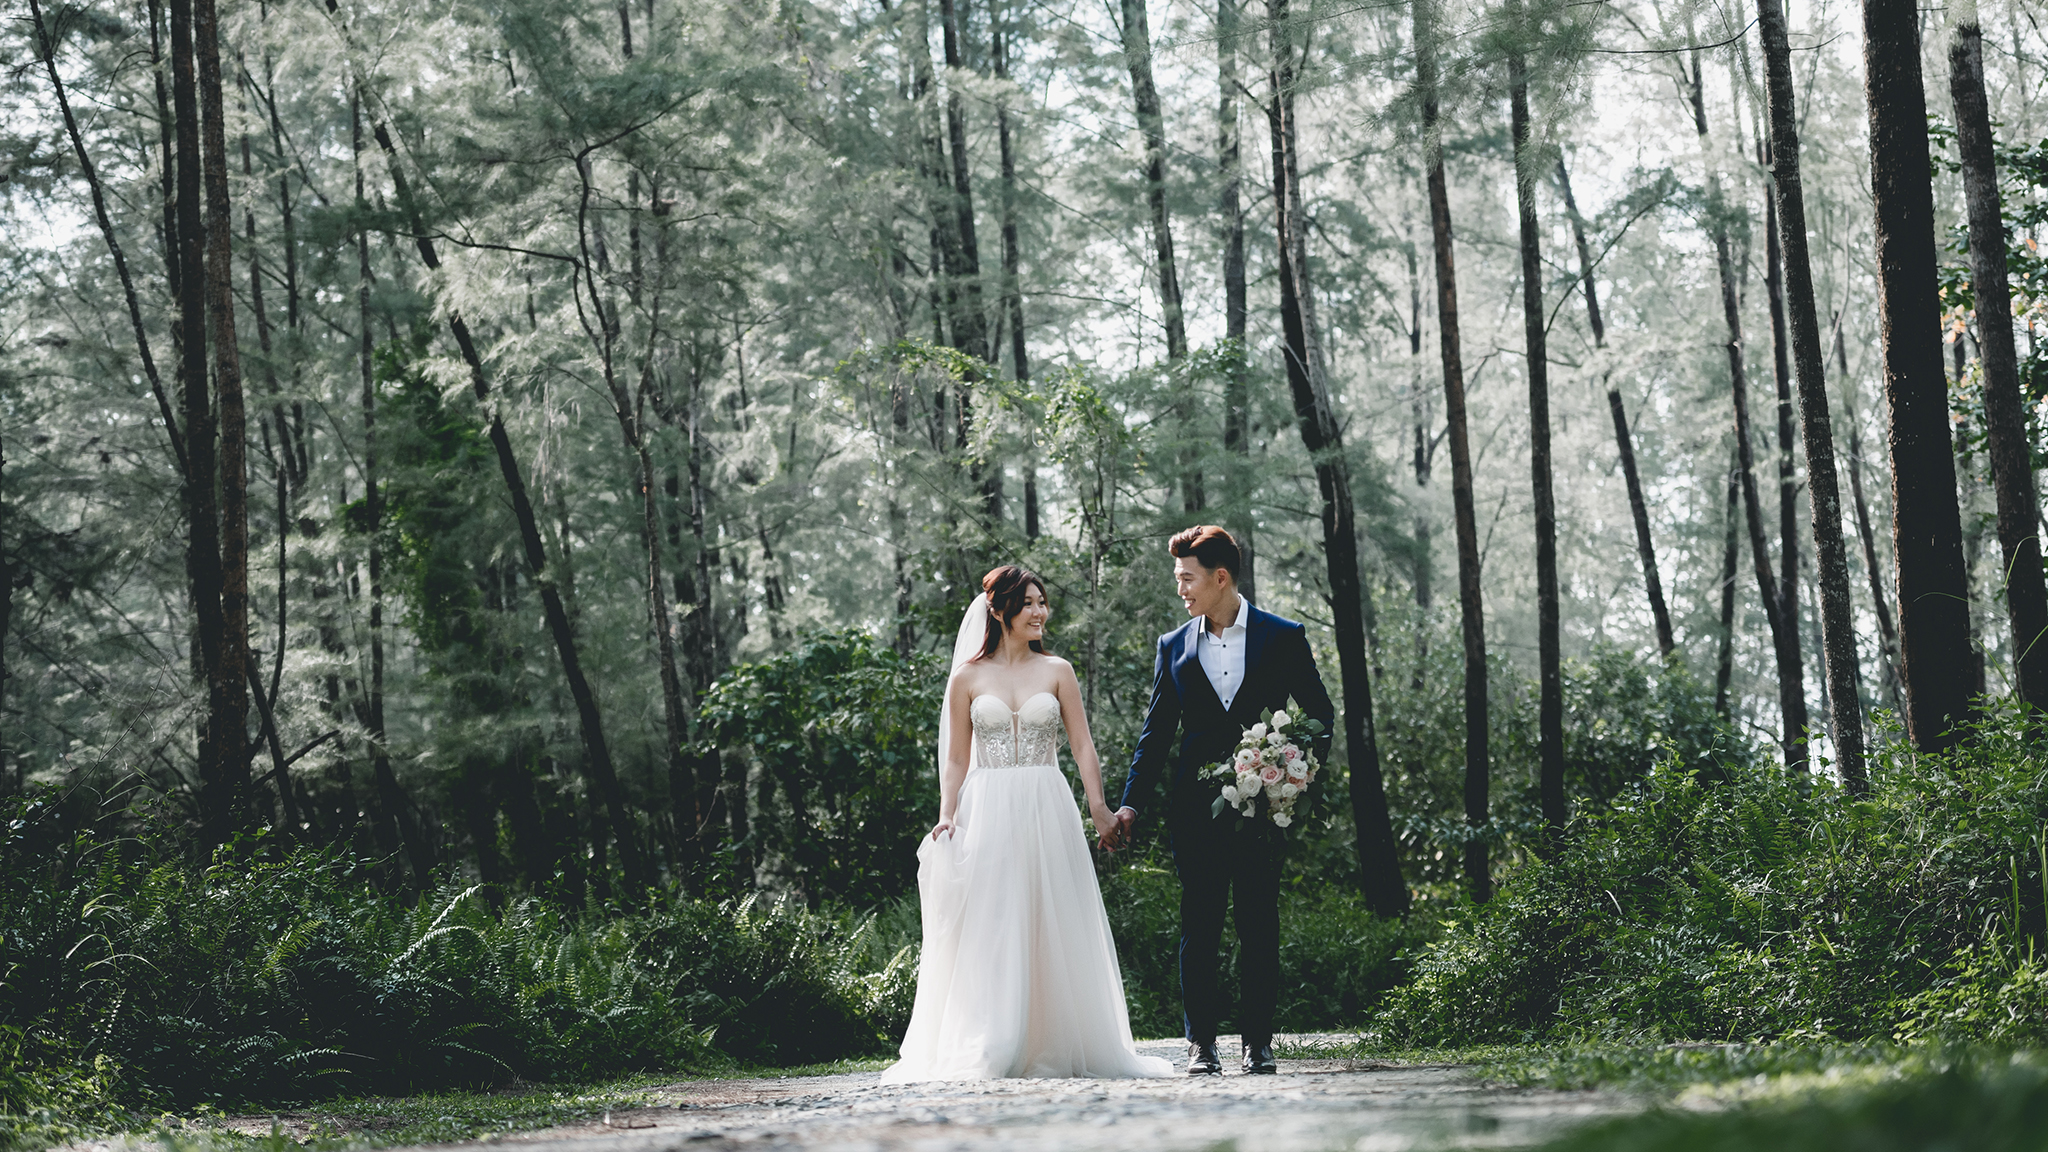 Pre wedding cony island 020a.JPG